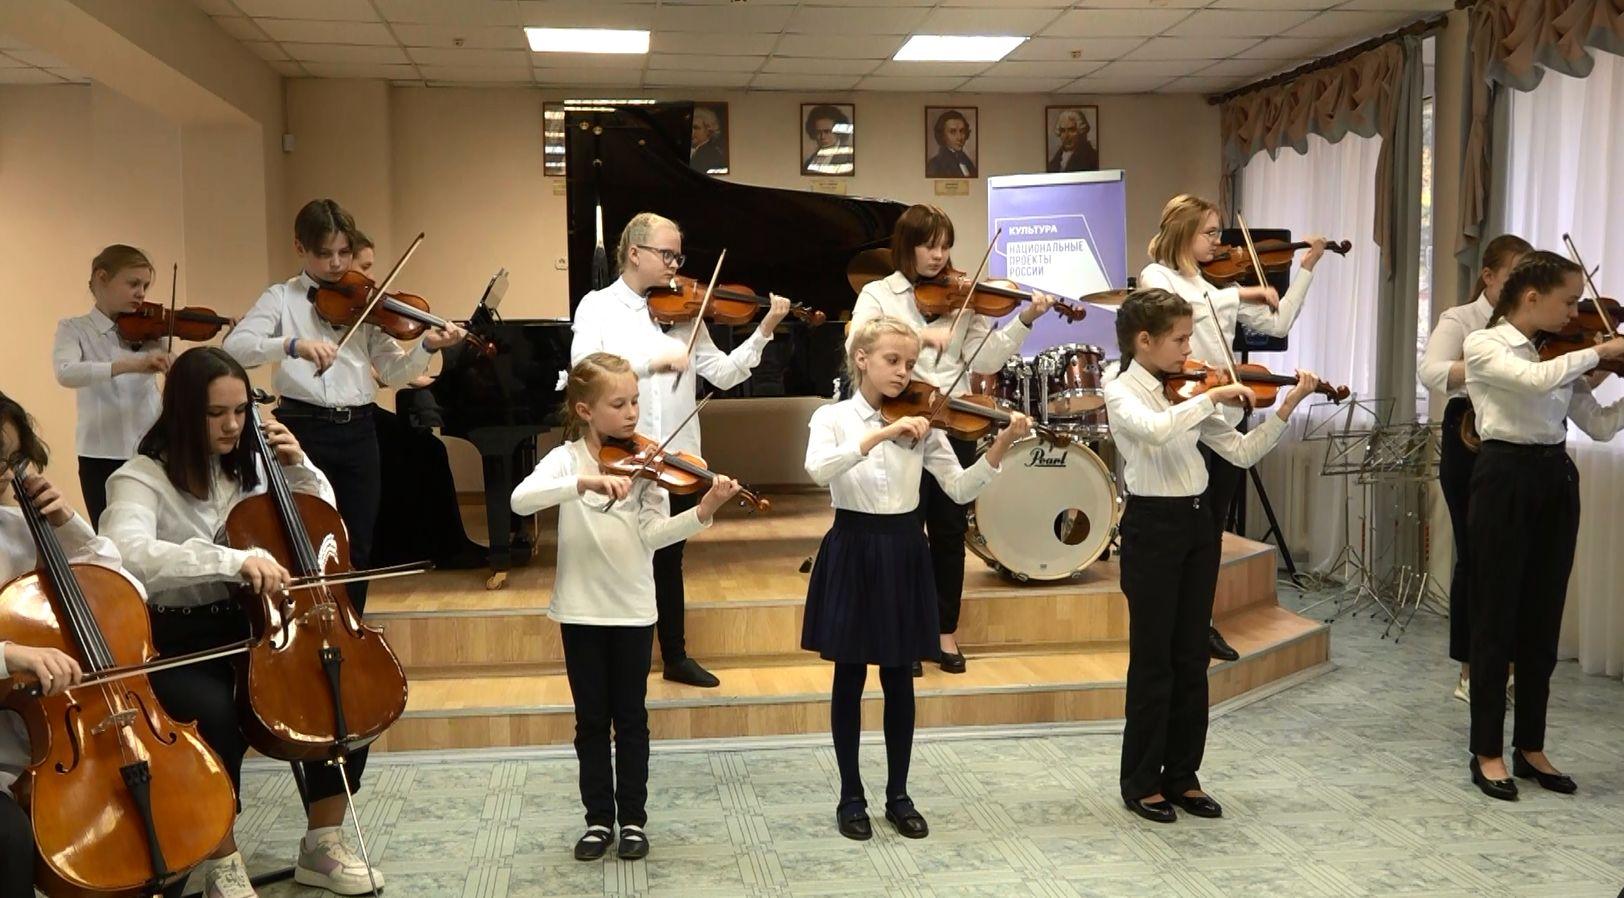 В школе искусств №3 Ярославля прошел праздничный концерт по случаю обновления музыкальной аппаратуры